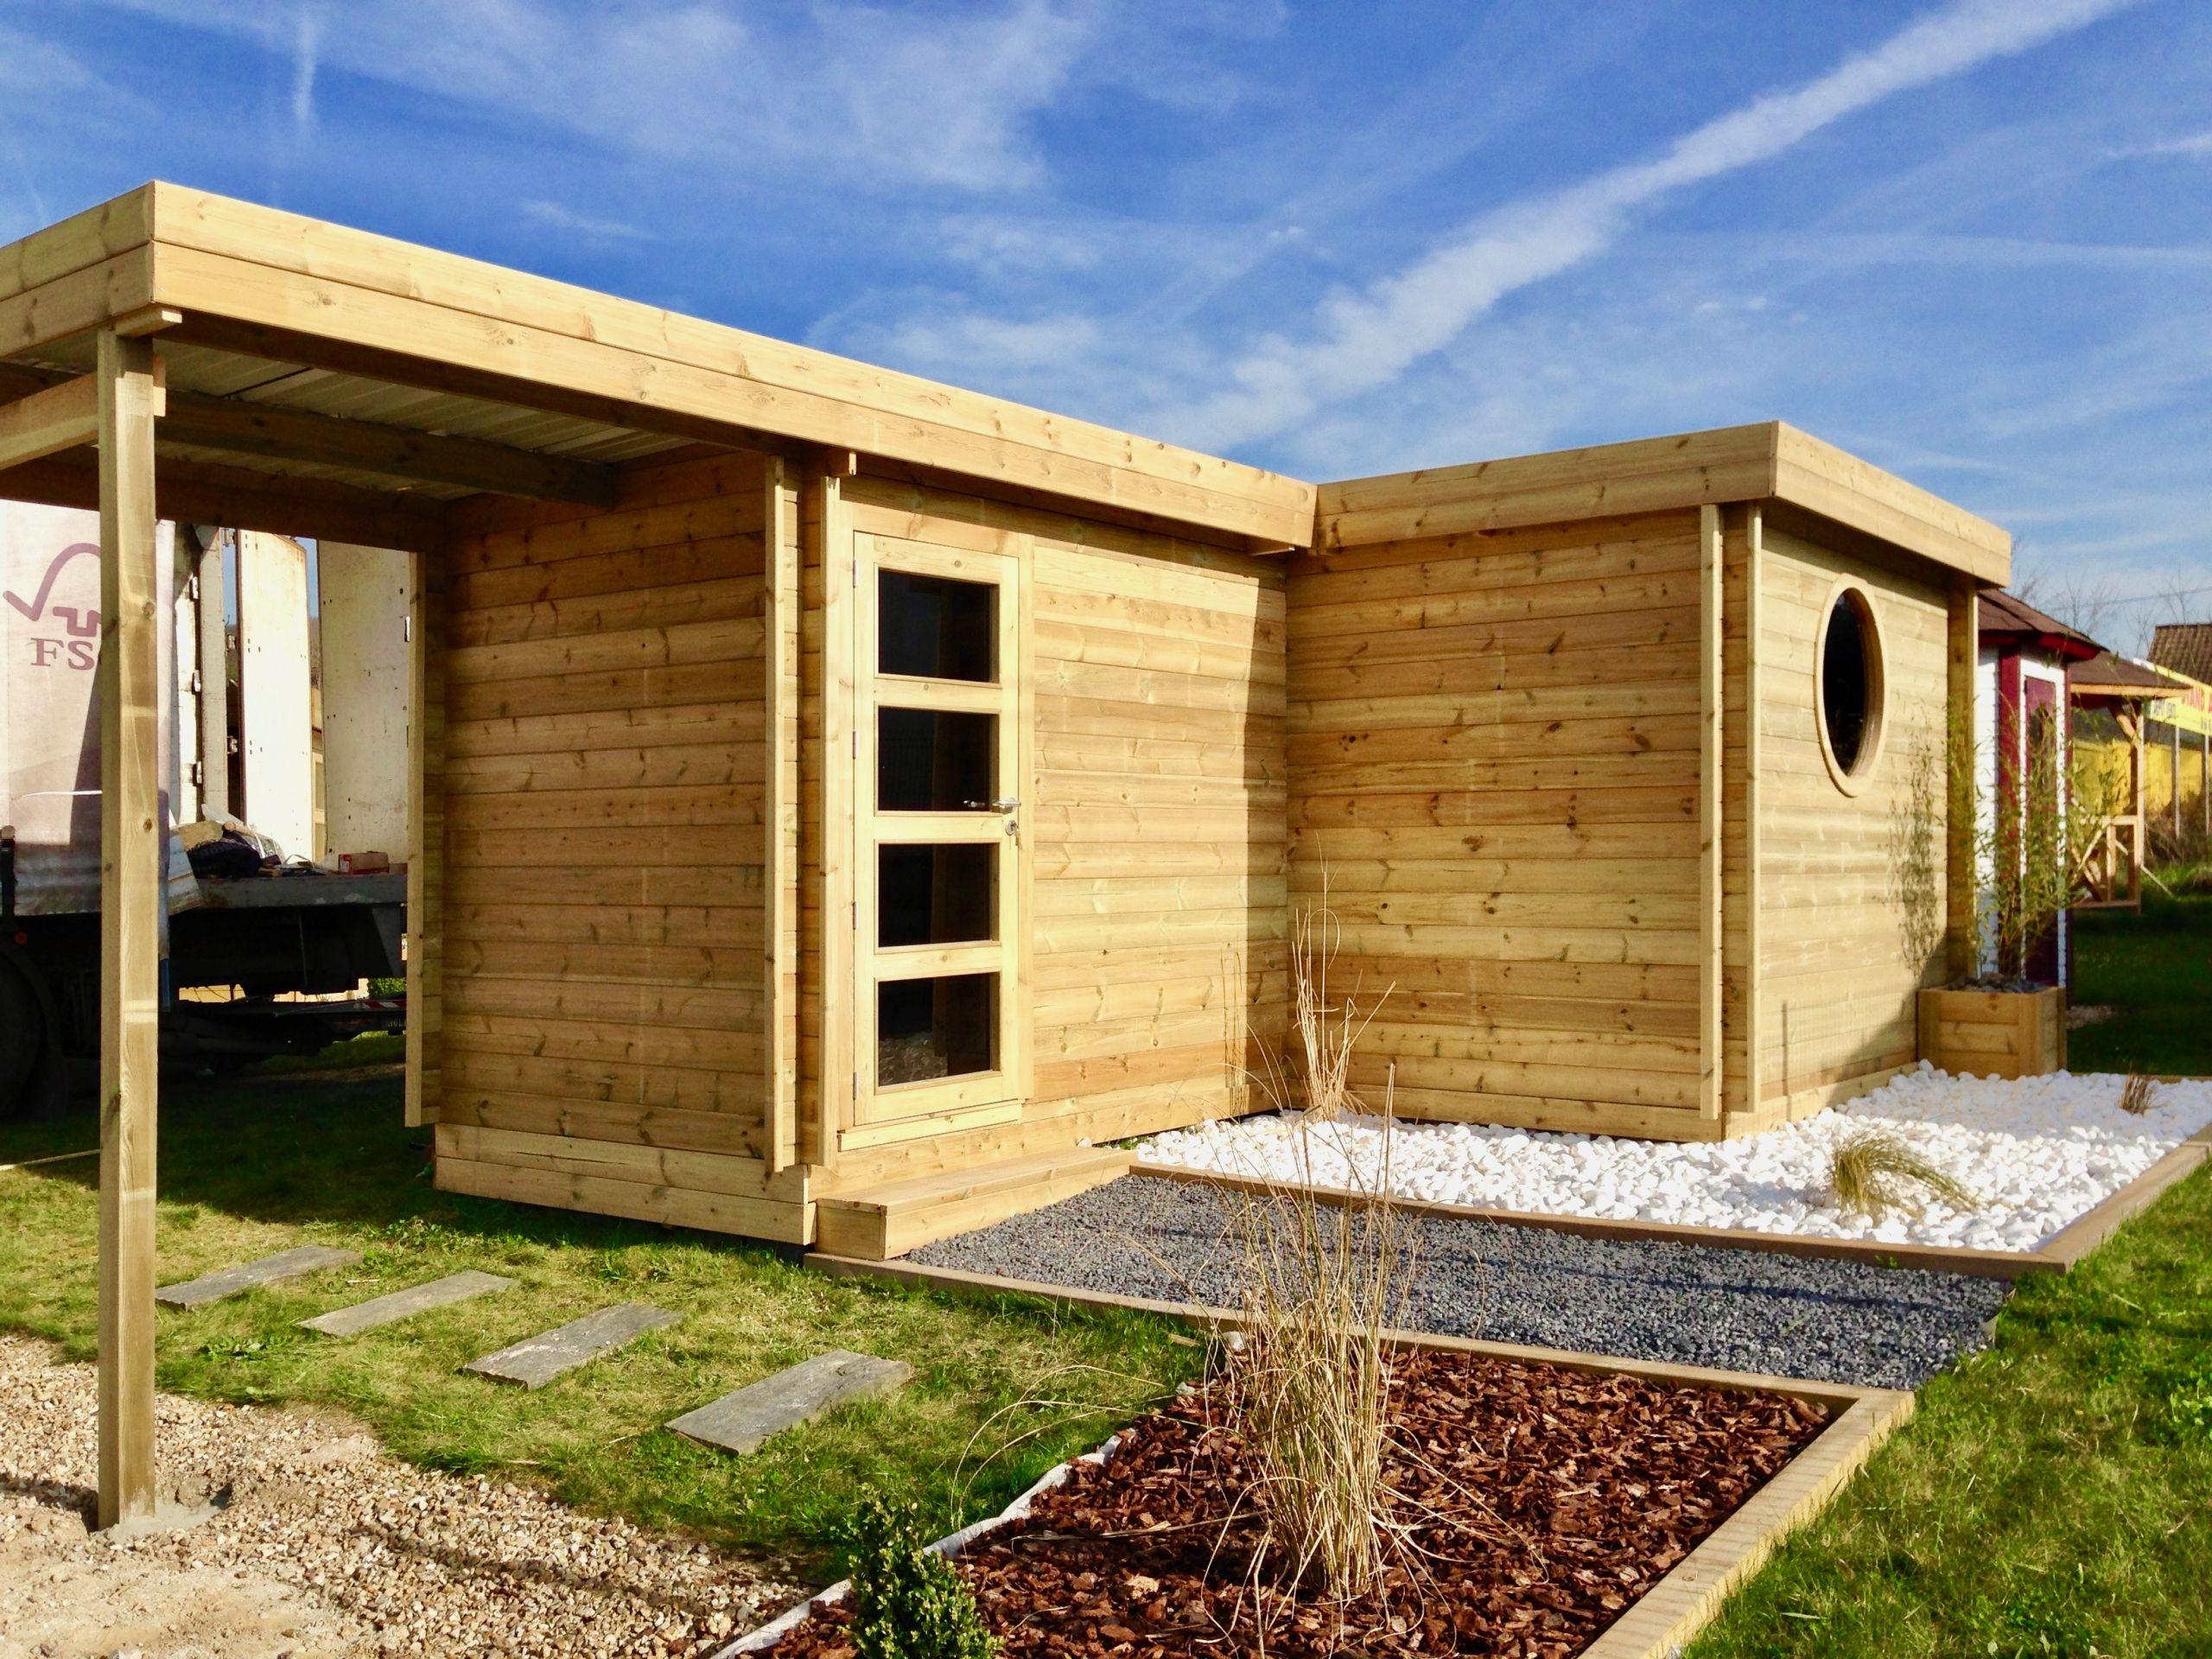 77 inspirant fixation abri de jardin sur dalle beton - Dalle en beton pour abri de jardin ...